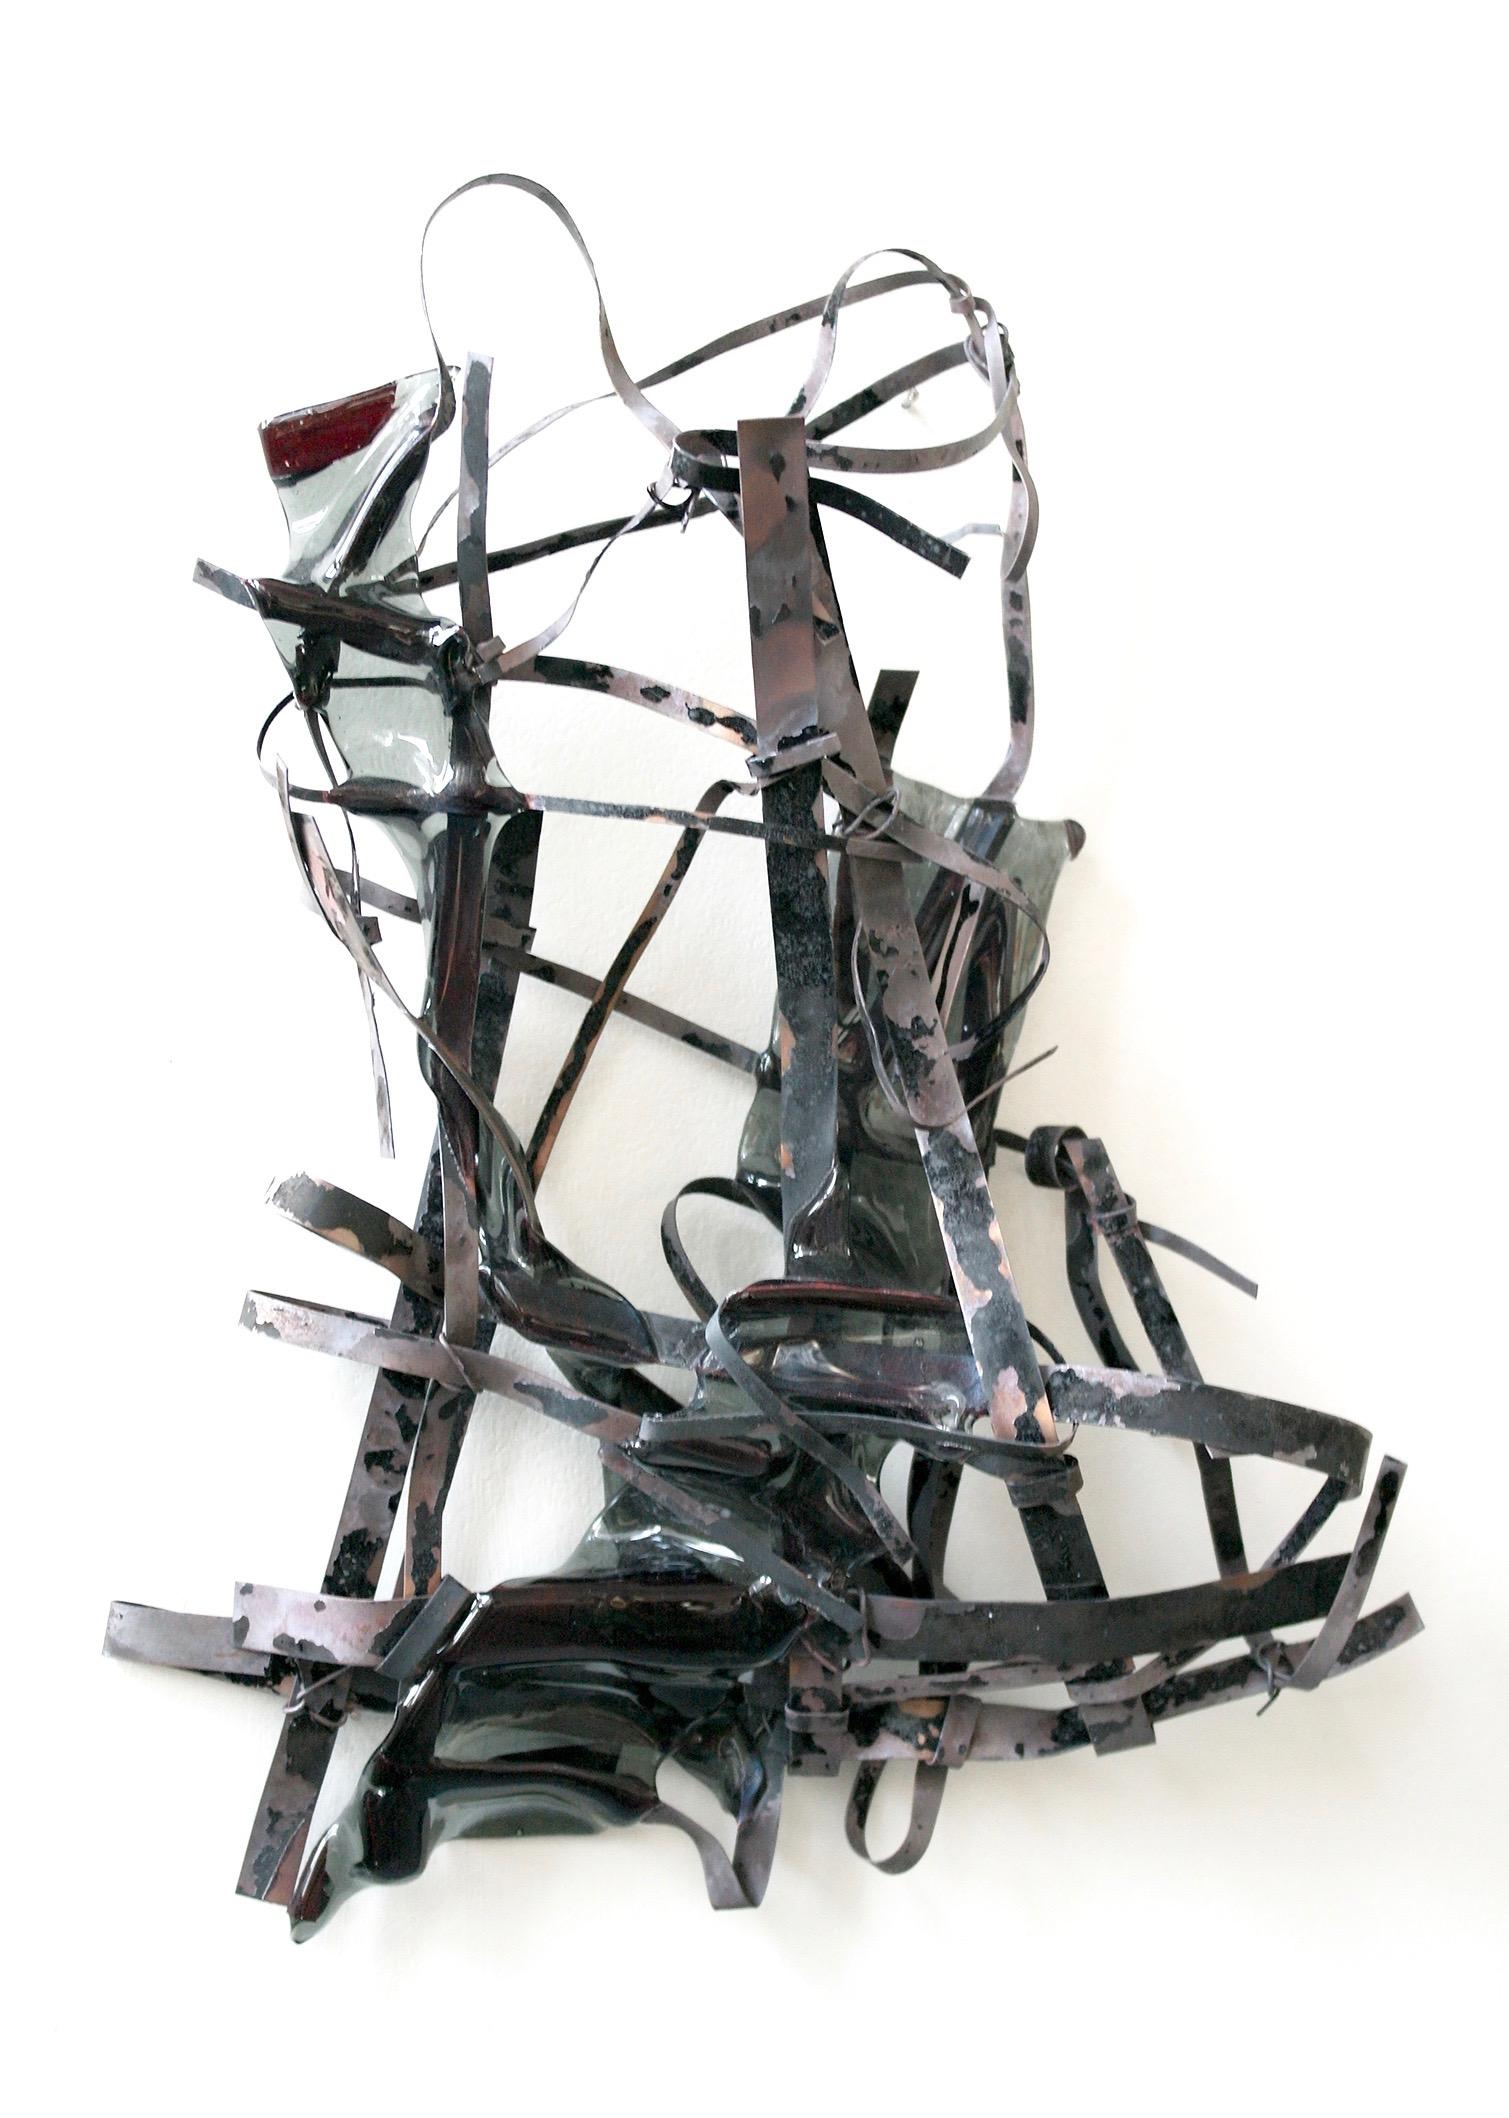 10000 Words Away  Steel & Glass, 2013 26 x 14 x 3 cm